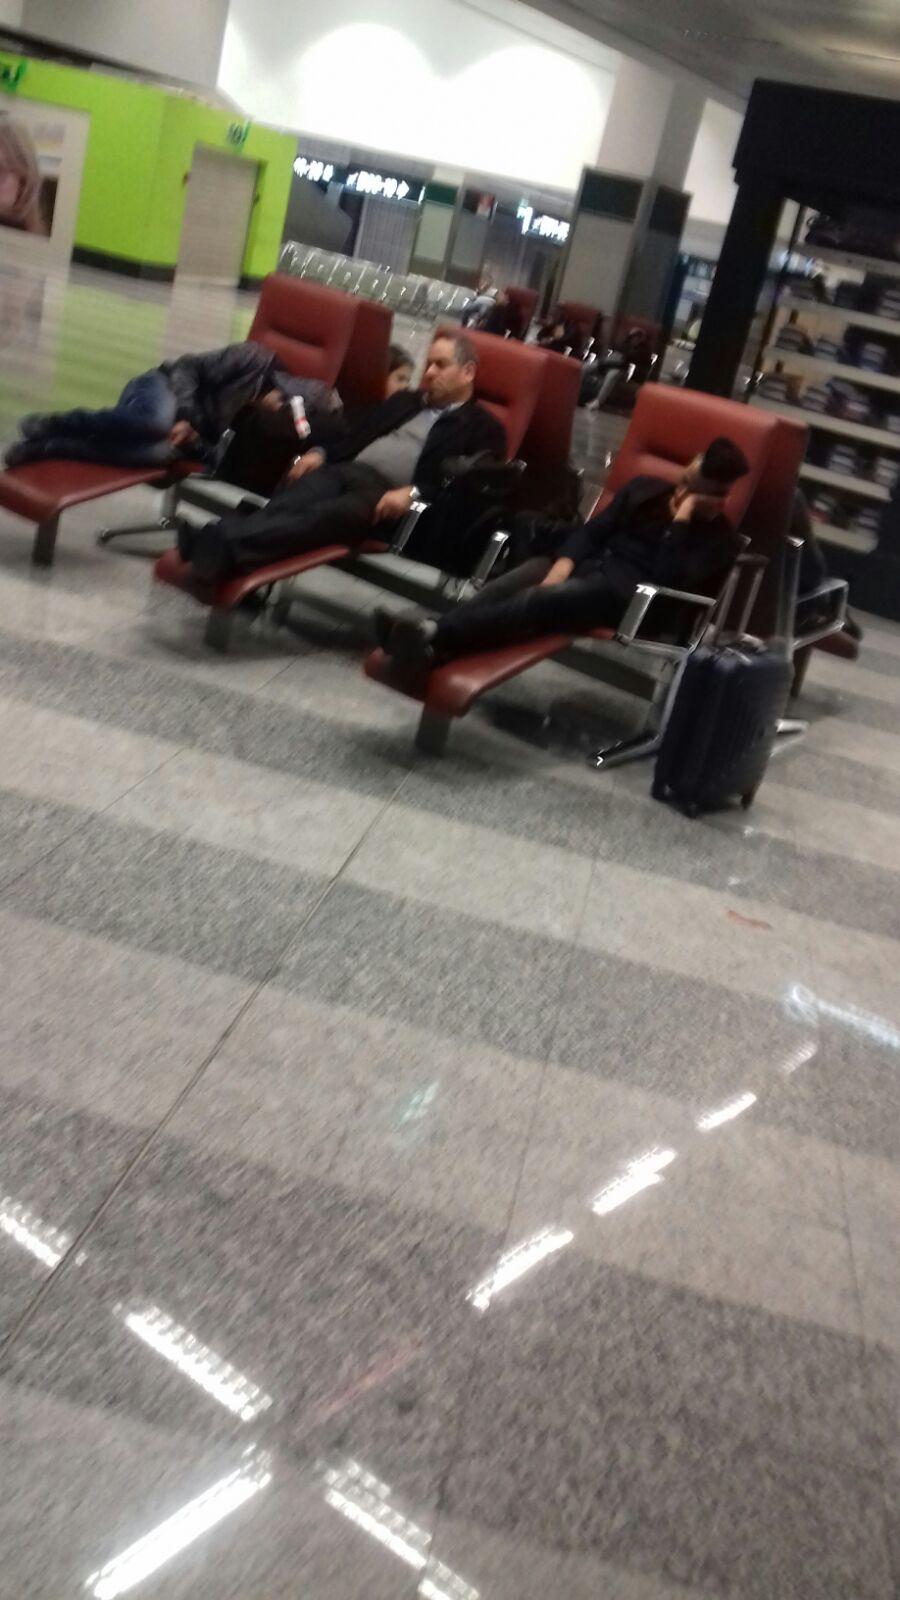 مصريون بإيطاليا يطالبون بتعديل رخصة القيادة.. وآخرون يبيتون في مطار بميلانو بعد تعطل طائرتهم (صور)